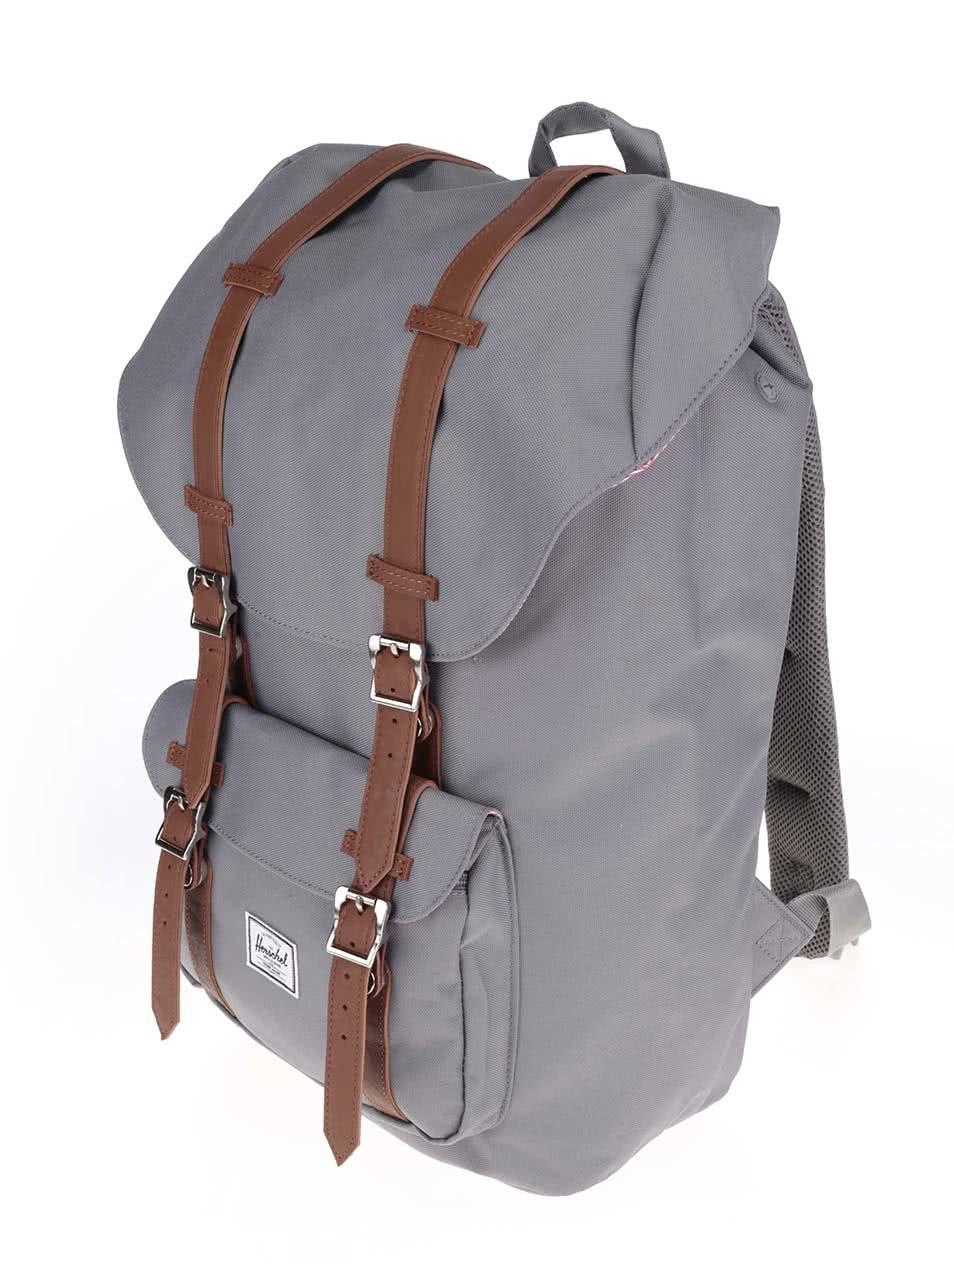 Šedý batoh s hnědými popruhy Herschel Little America 25 l